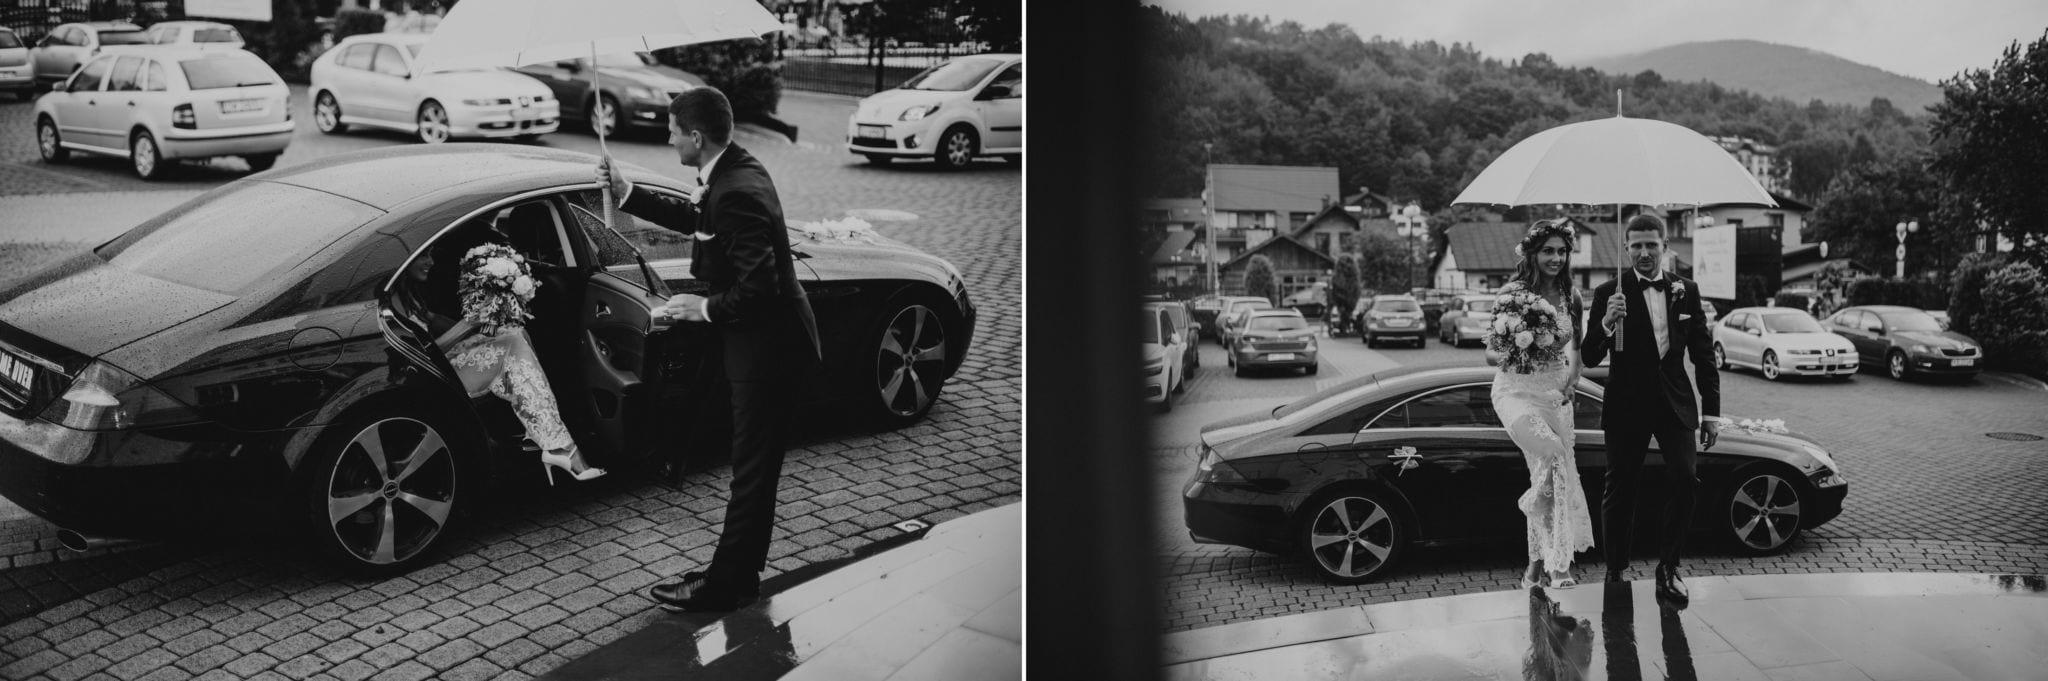 Kasia & Tomek <br>Ślub w Szczyrku 90